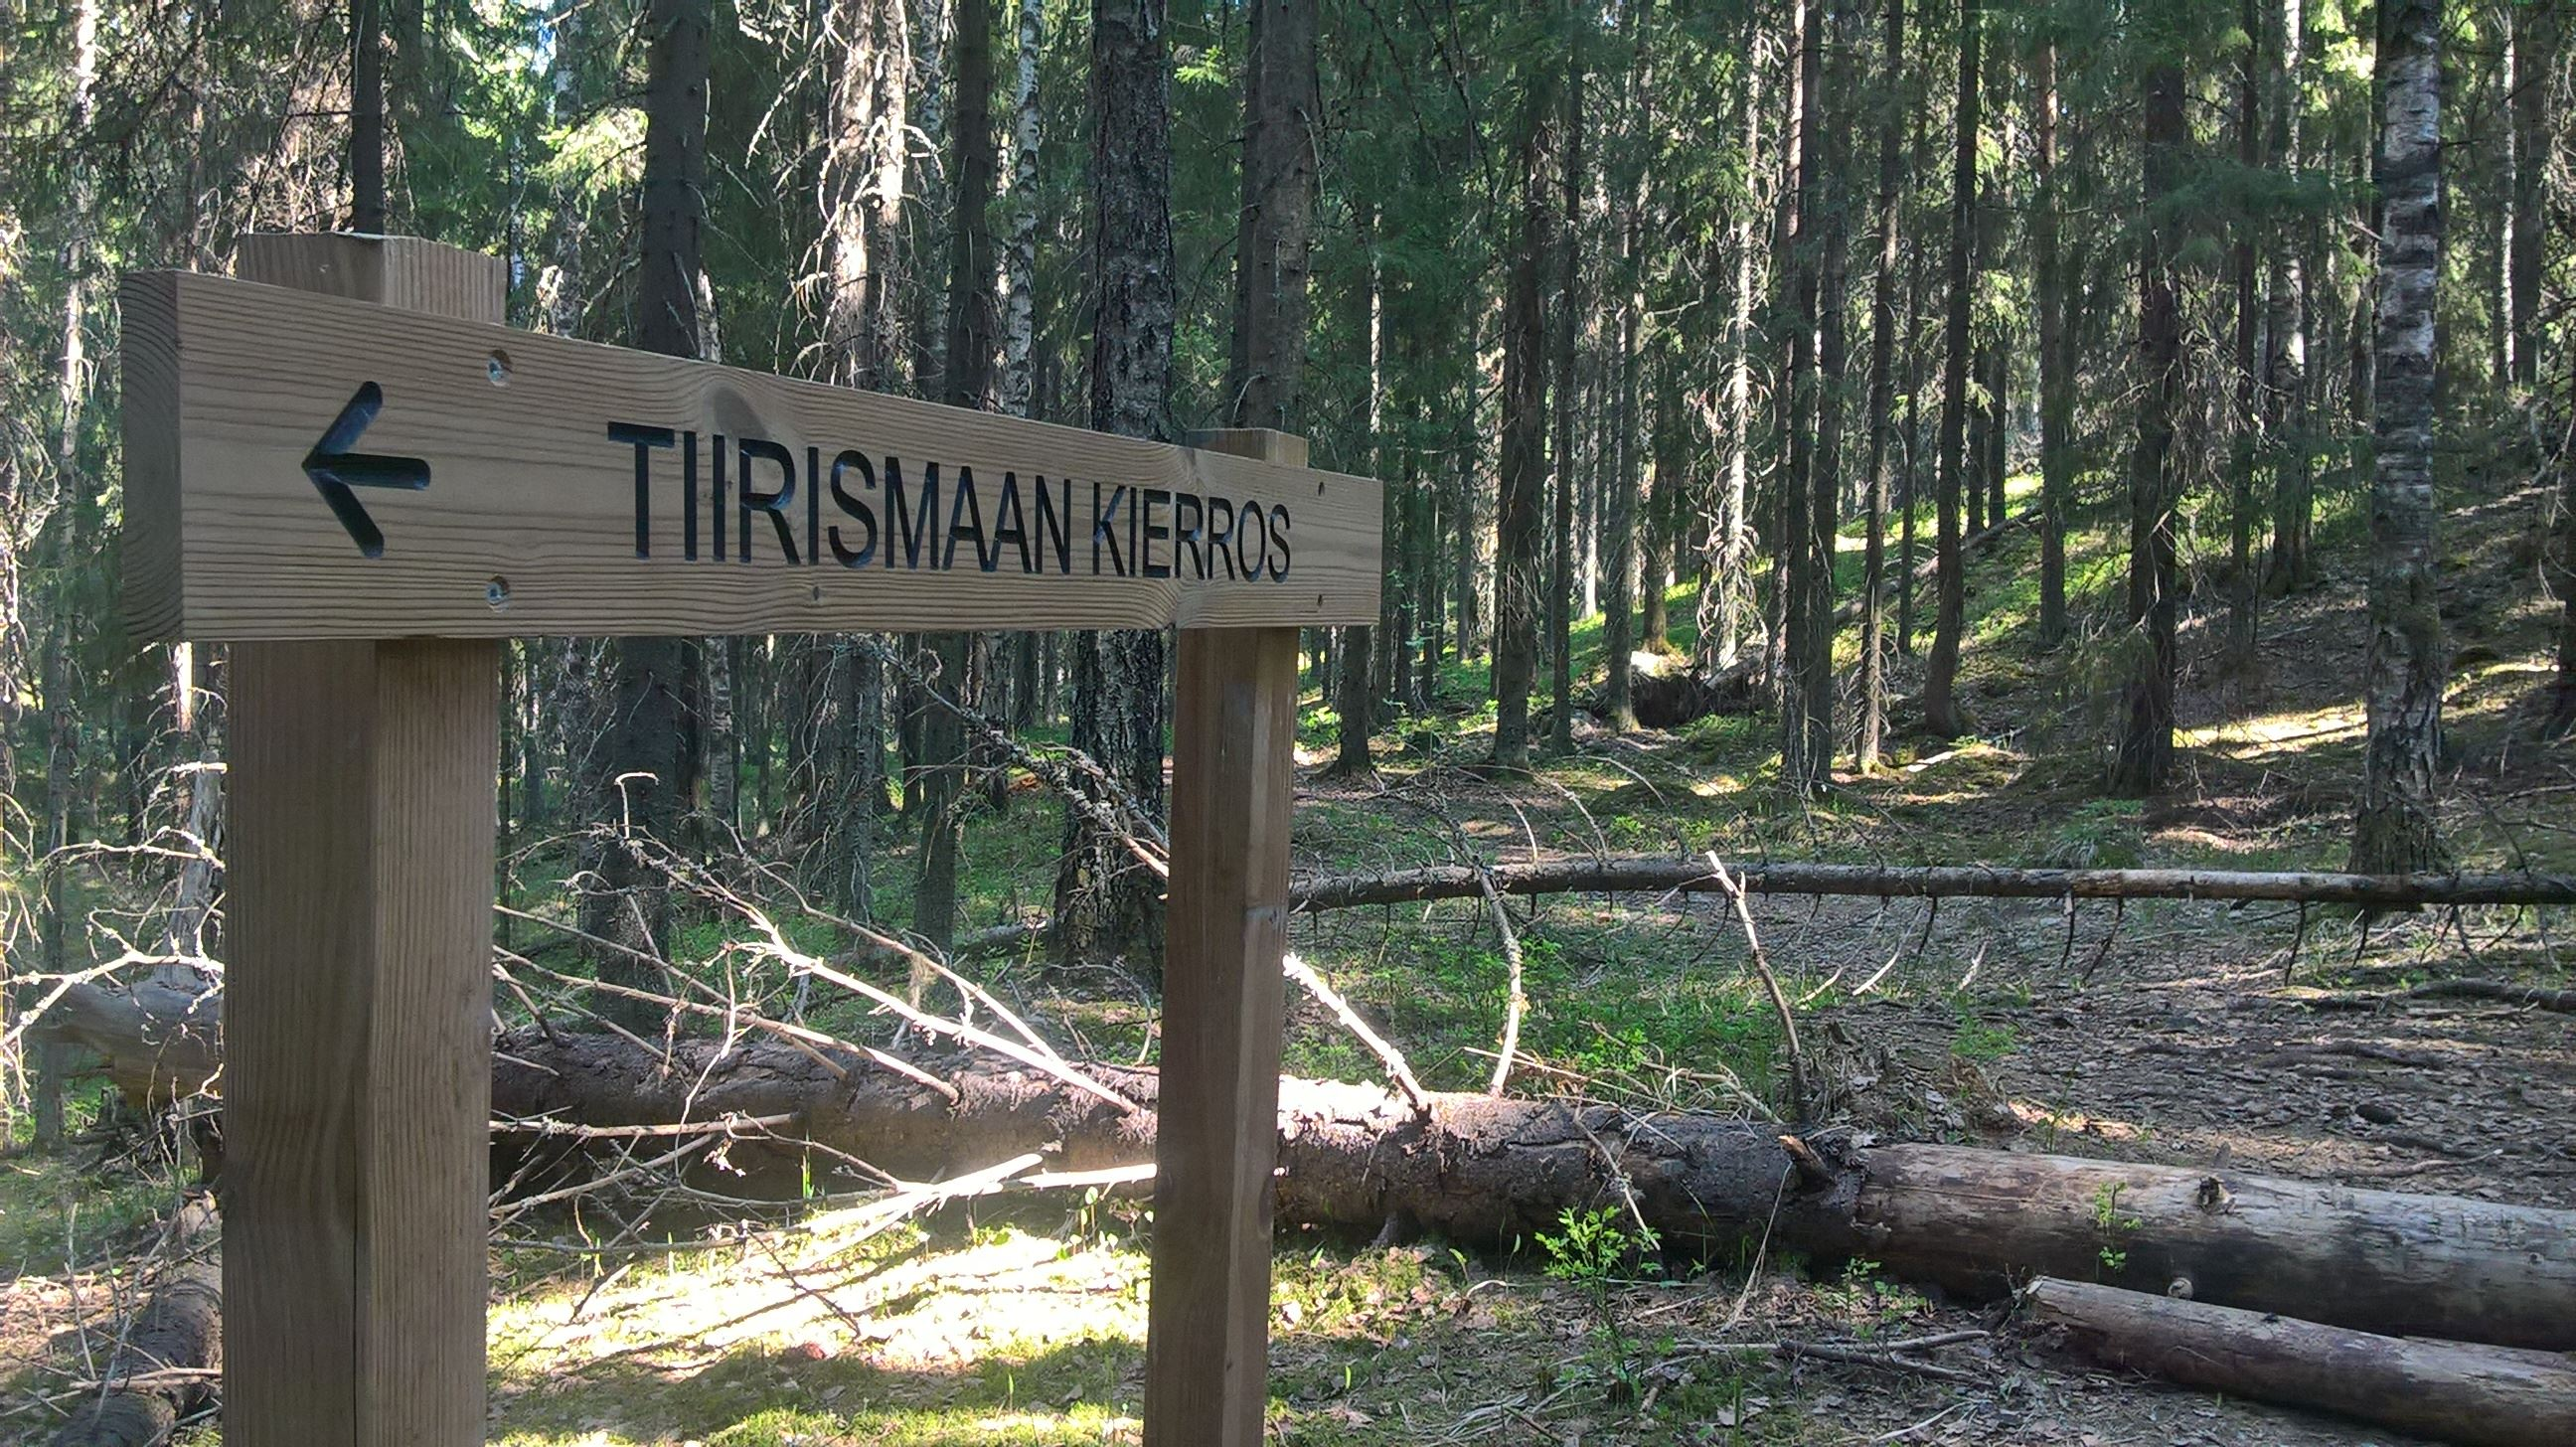 Tiirismaan kierros hiking trail